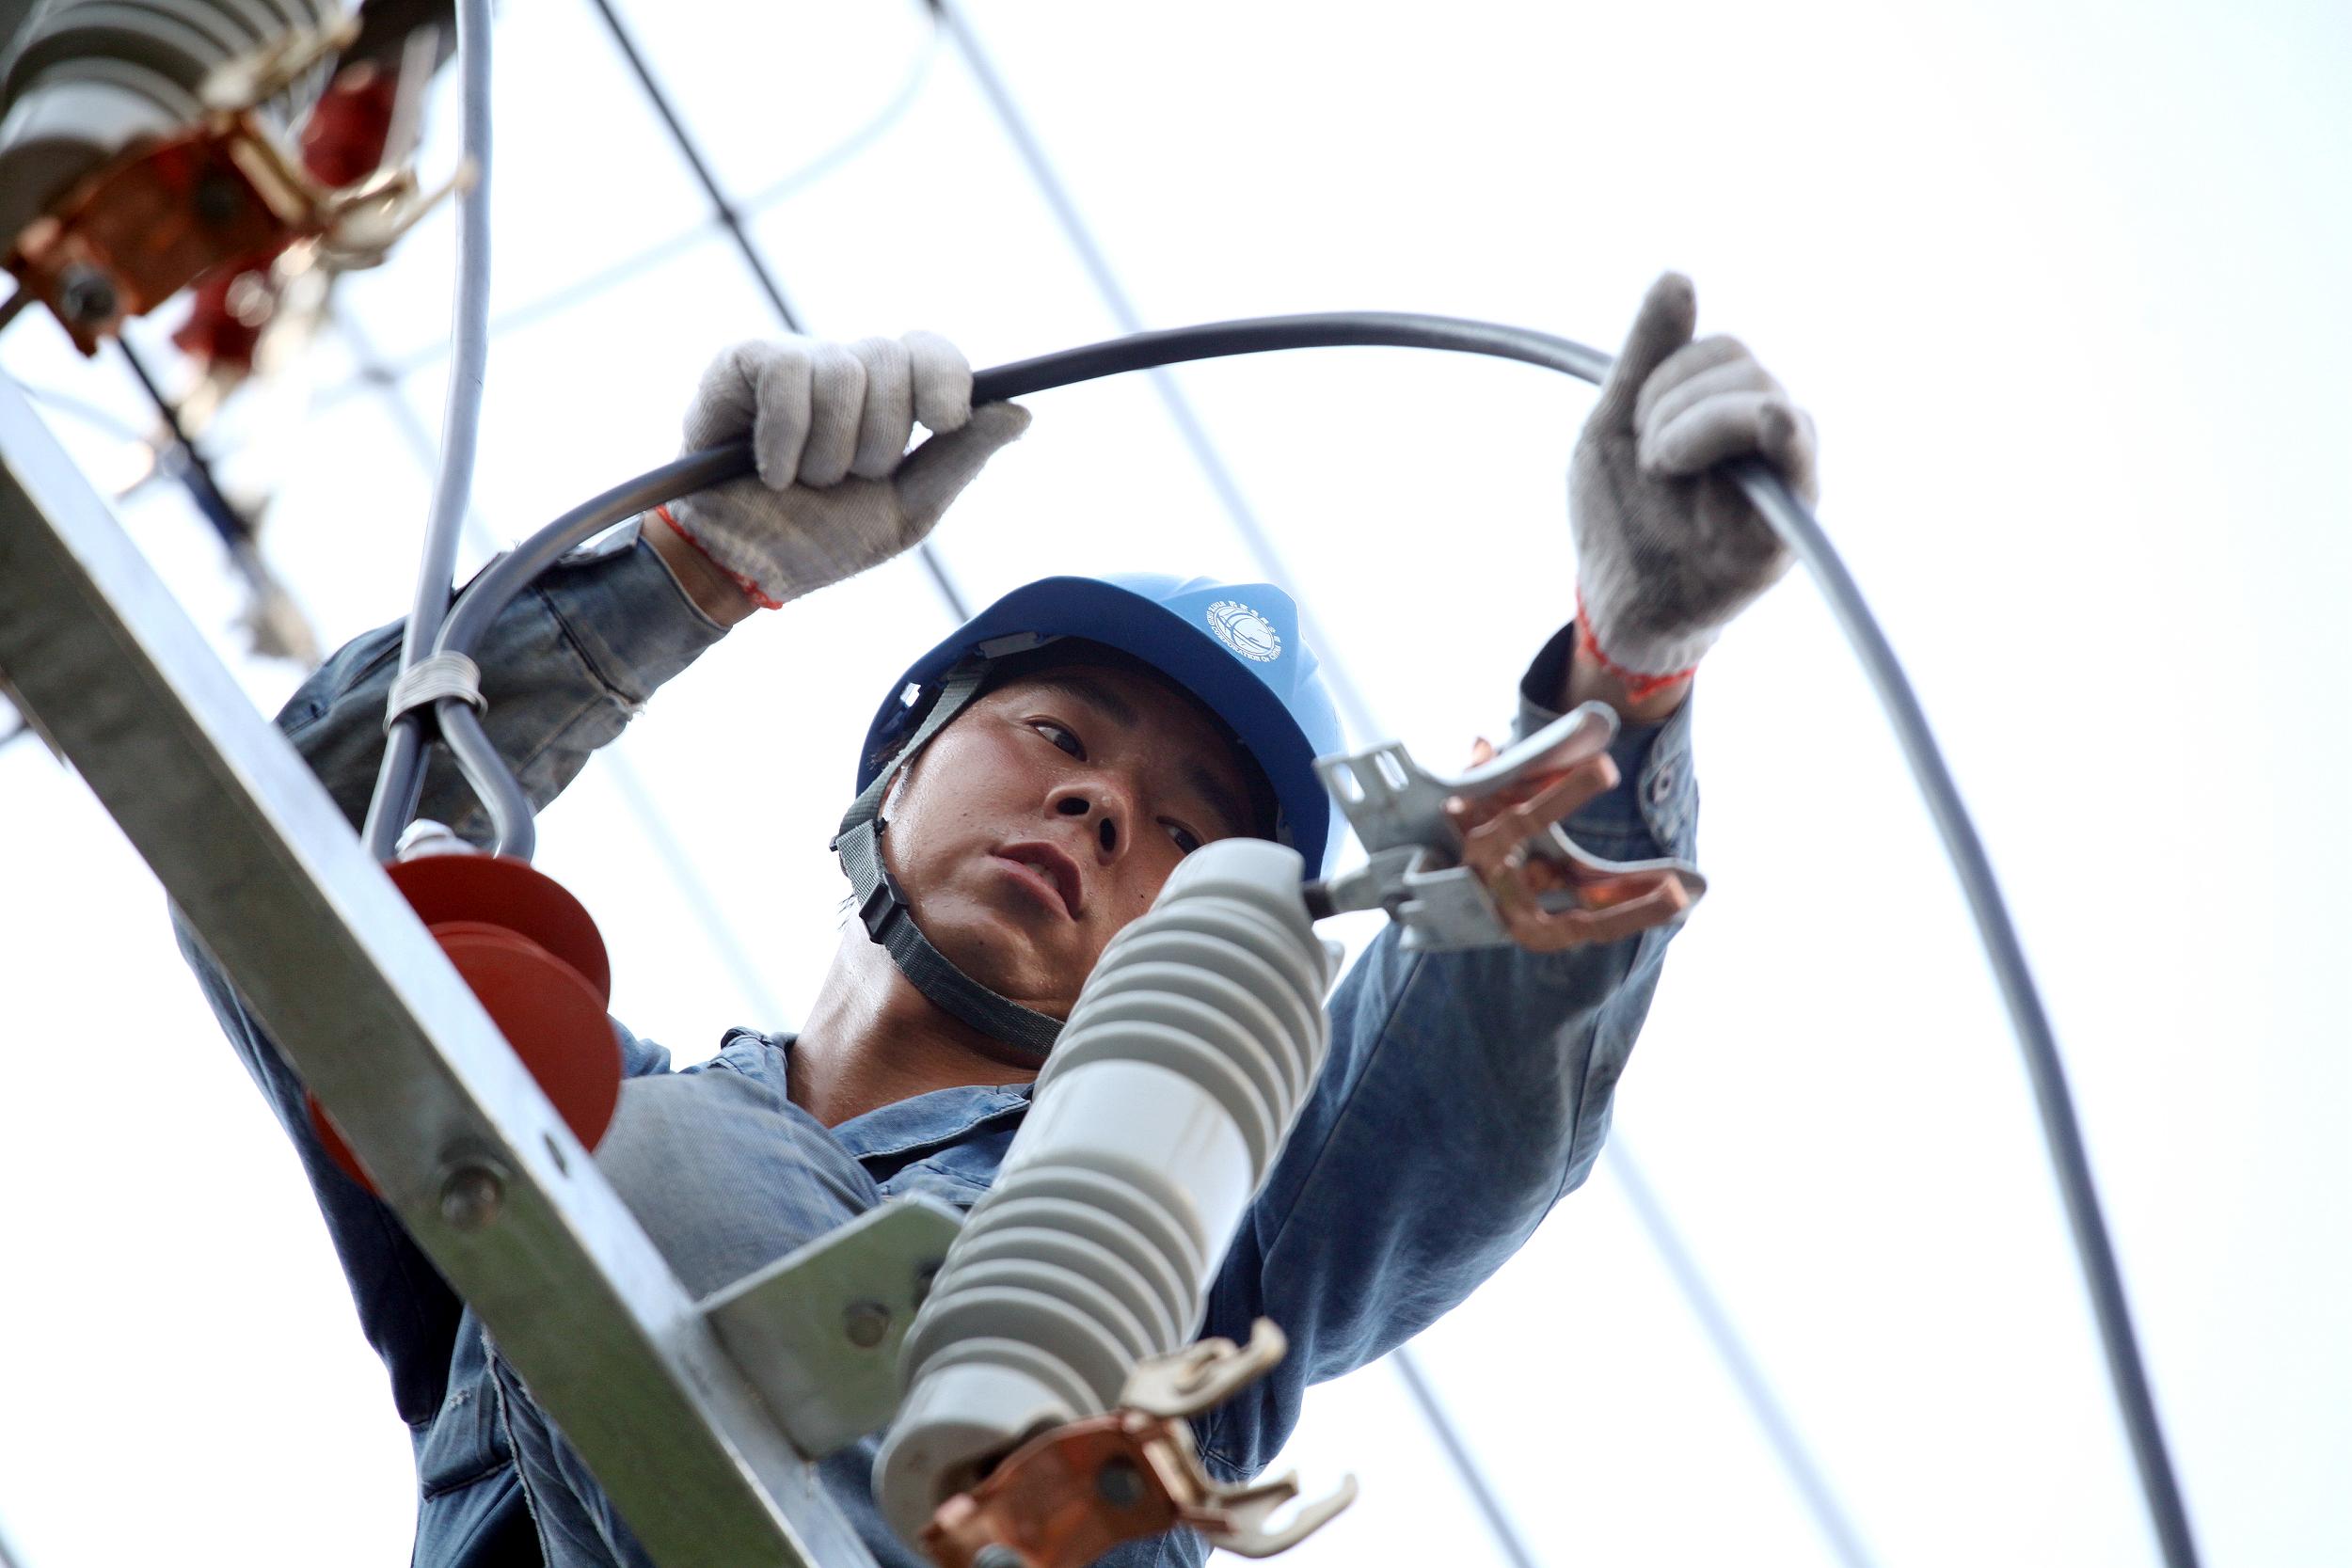 图为电力施工人员正在配变台架安装变压器熔断器并连接导线。7月29日,安徽临泉县供电公司的电力施工人员在近40度的高温天气下,为城区港口南路紧急新增一台容量为400千伏安的配电变压器,及时消除该区域低电压问题,确保周围居民和商户的正常用电。图为,临泉供电公司的电力施工人员正在配变台架上进行新装变压器进行高低压导线的连接工作。